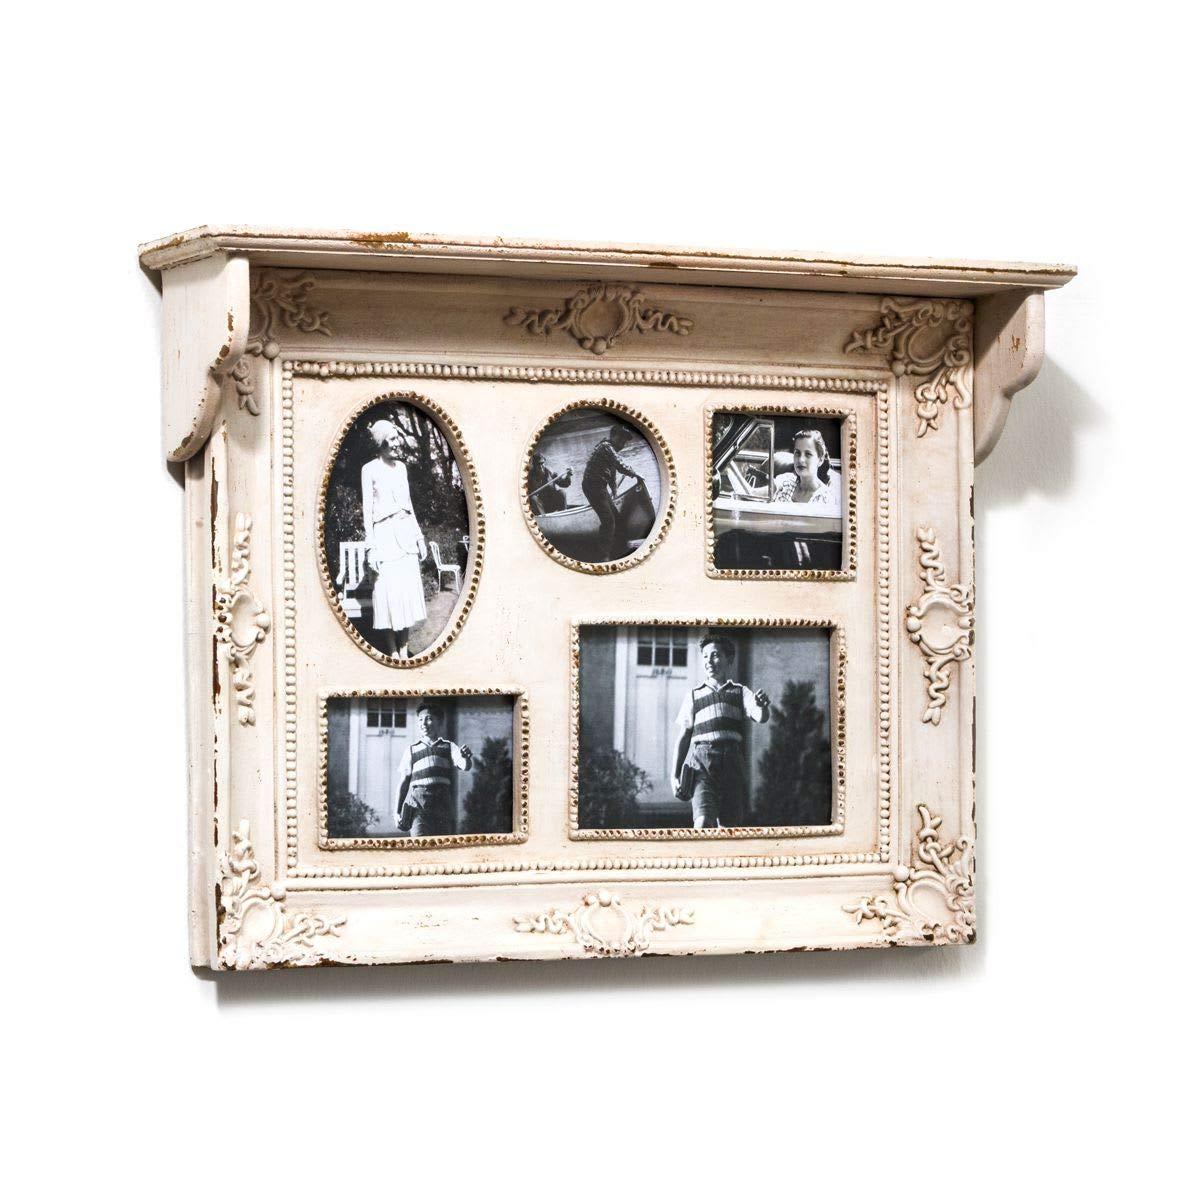 Portaretrato, 5 fotos, apariencia usada, blanco, estante, decoración en filigrana, aprox. ancho 51 x fondo 10.5 x altura 38 cm: Amazon.es: Hogar